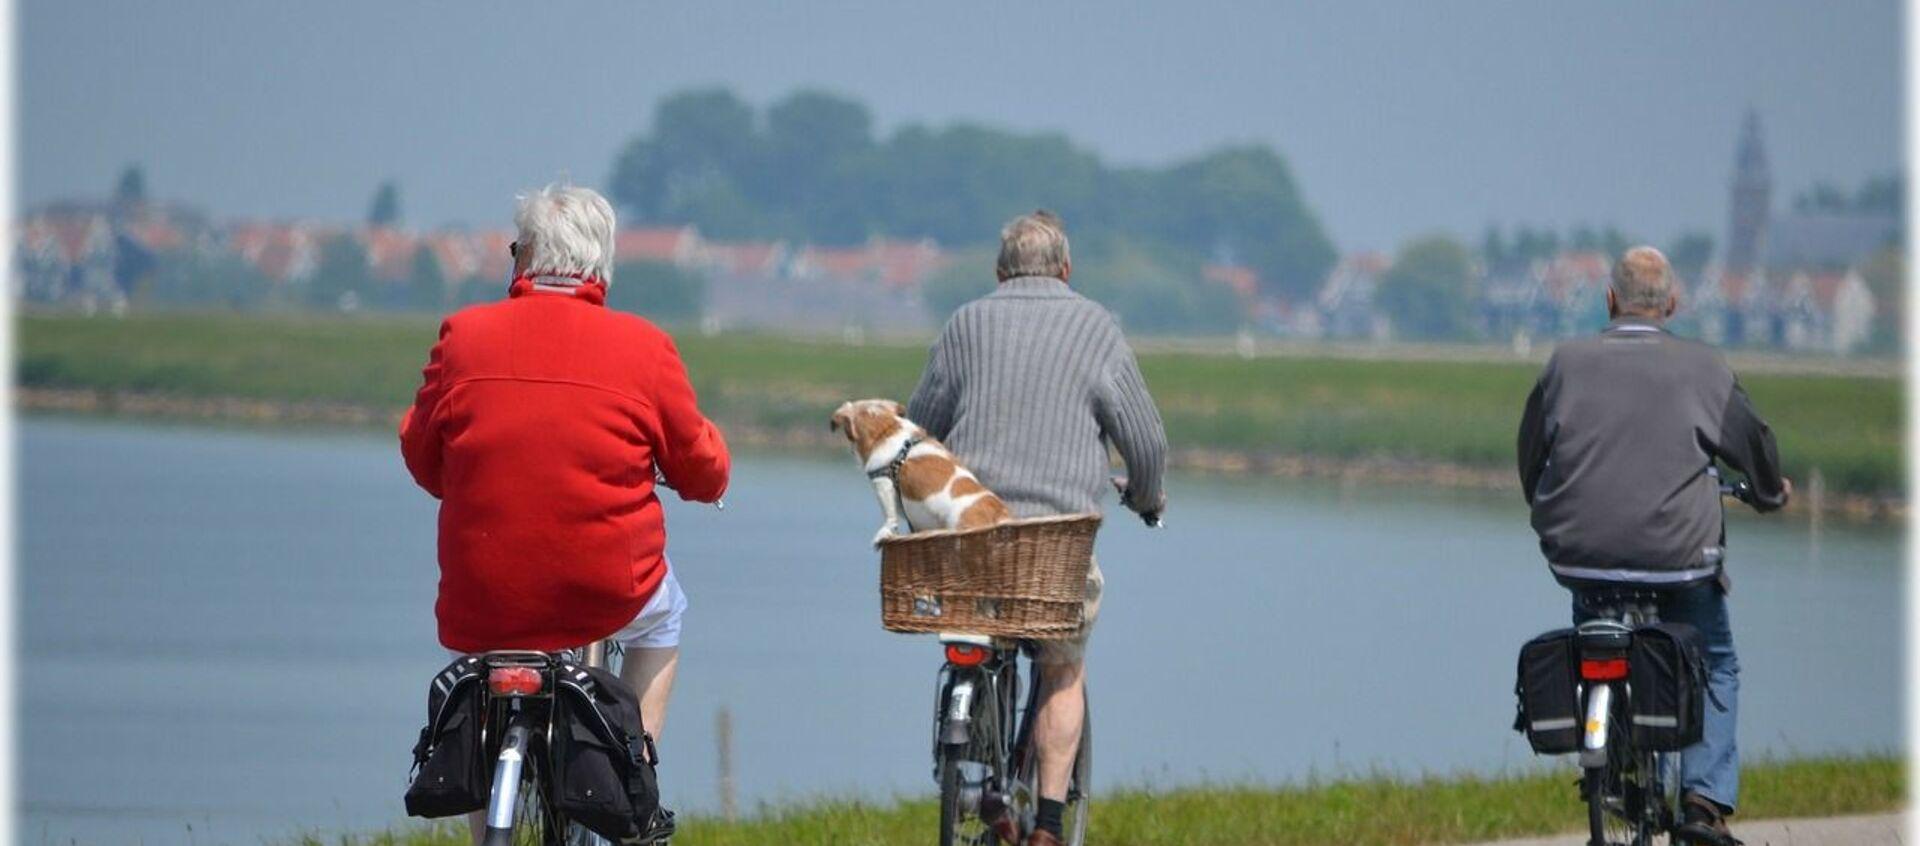 ასაკოვანი ადამიანები ველოსიპედებით - Sputnik საქართველო, 1920, 25.09.2019